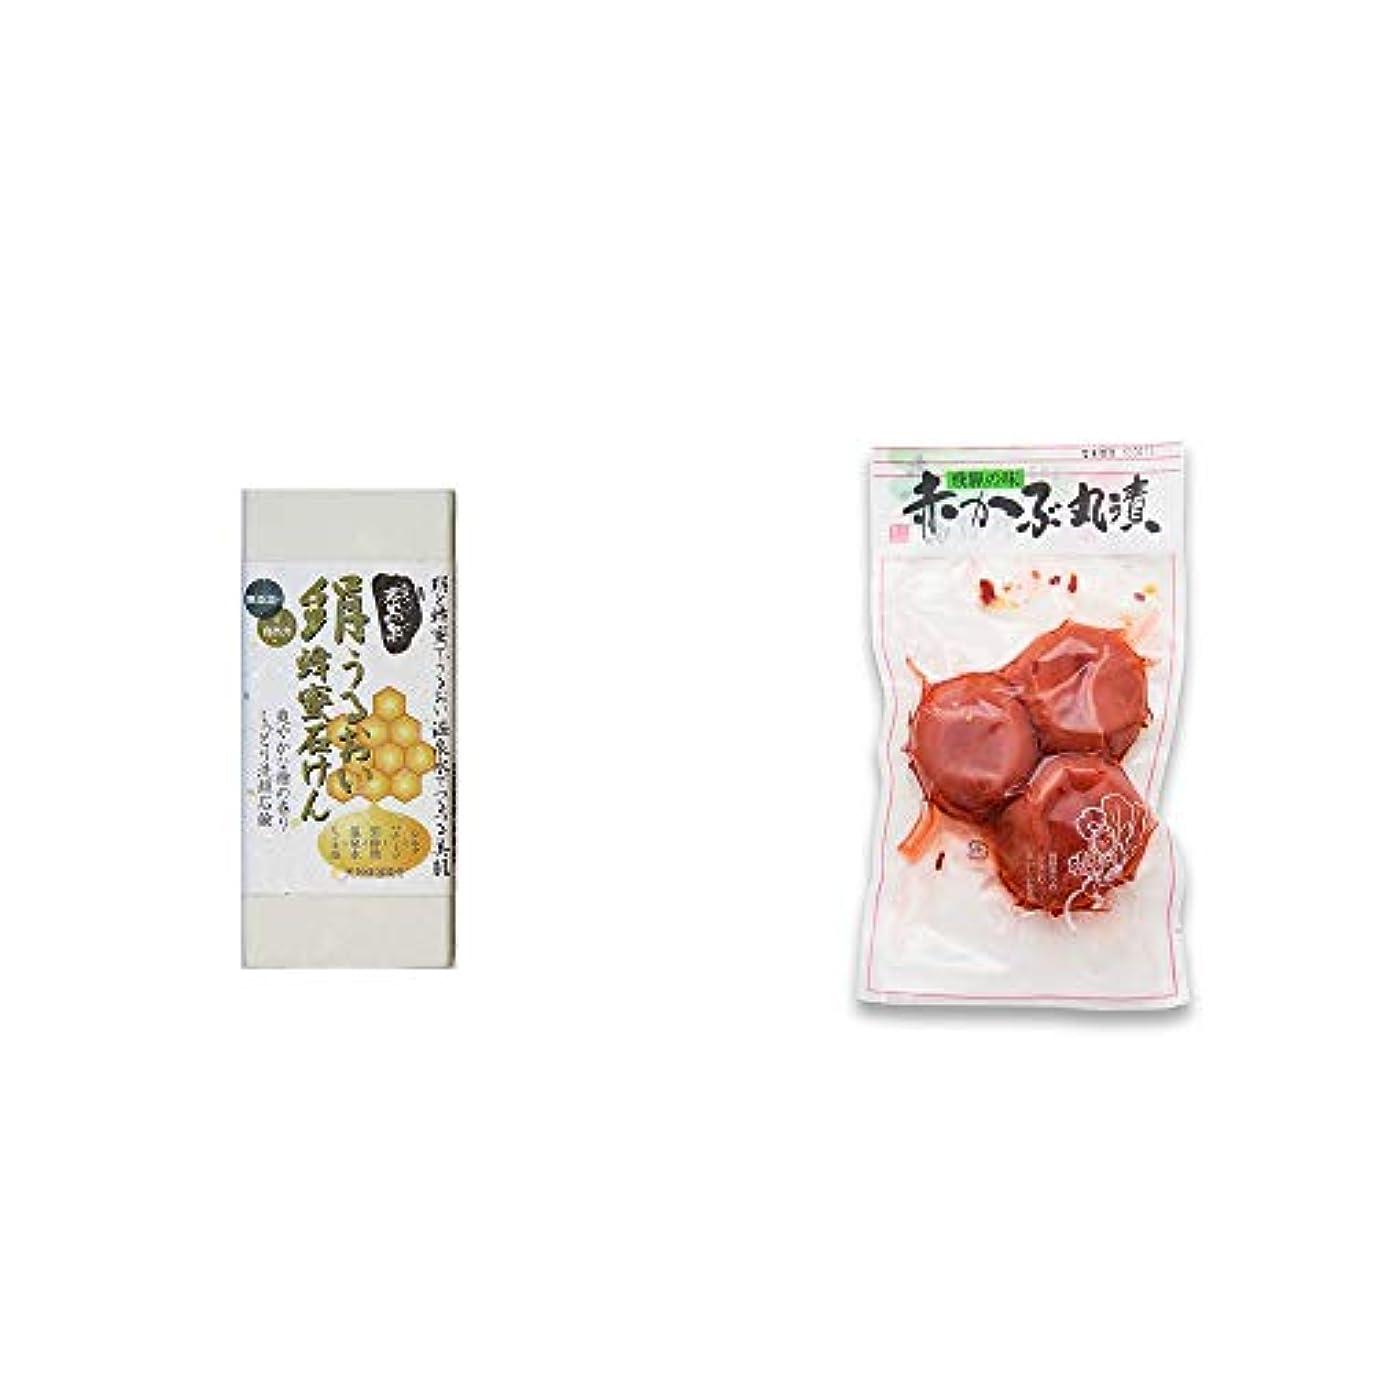 猛烈な試すその[2点セット] ひのき炭黒泉 絹うるおい蜂蜜石けん(75g×2)?赤かぶ丸漬け(150g)